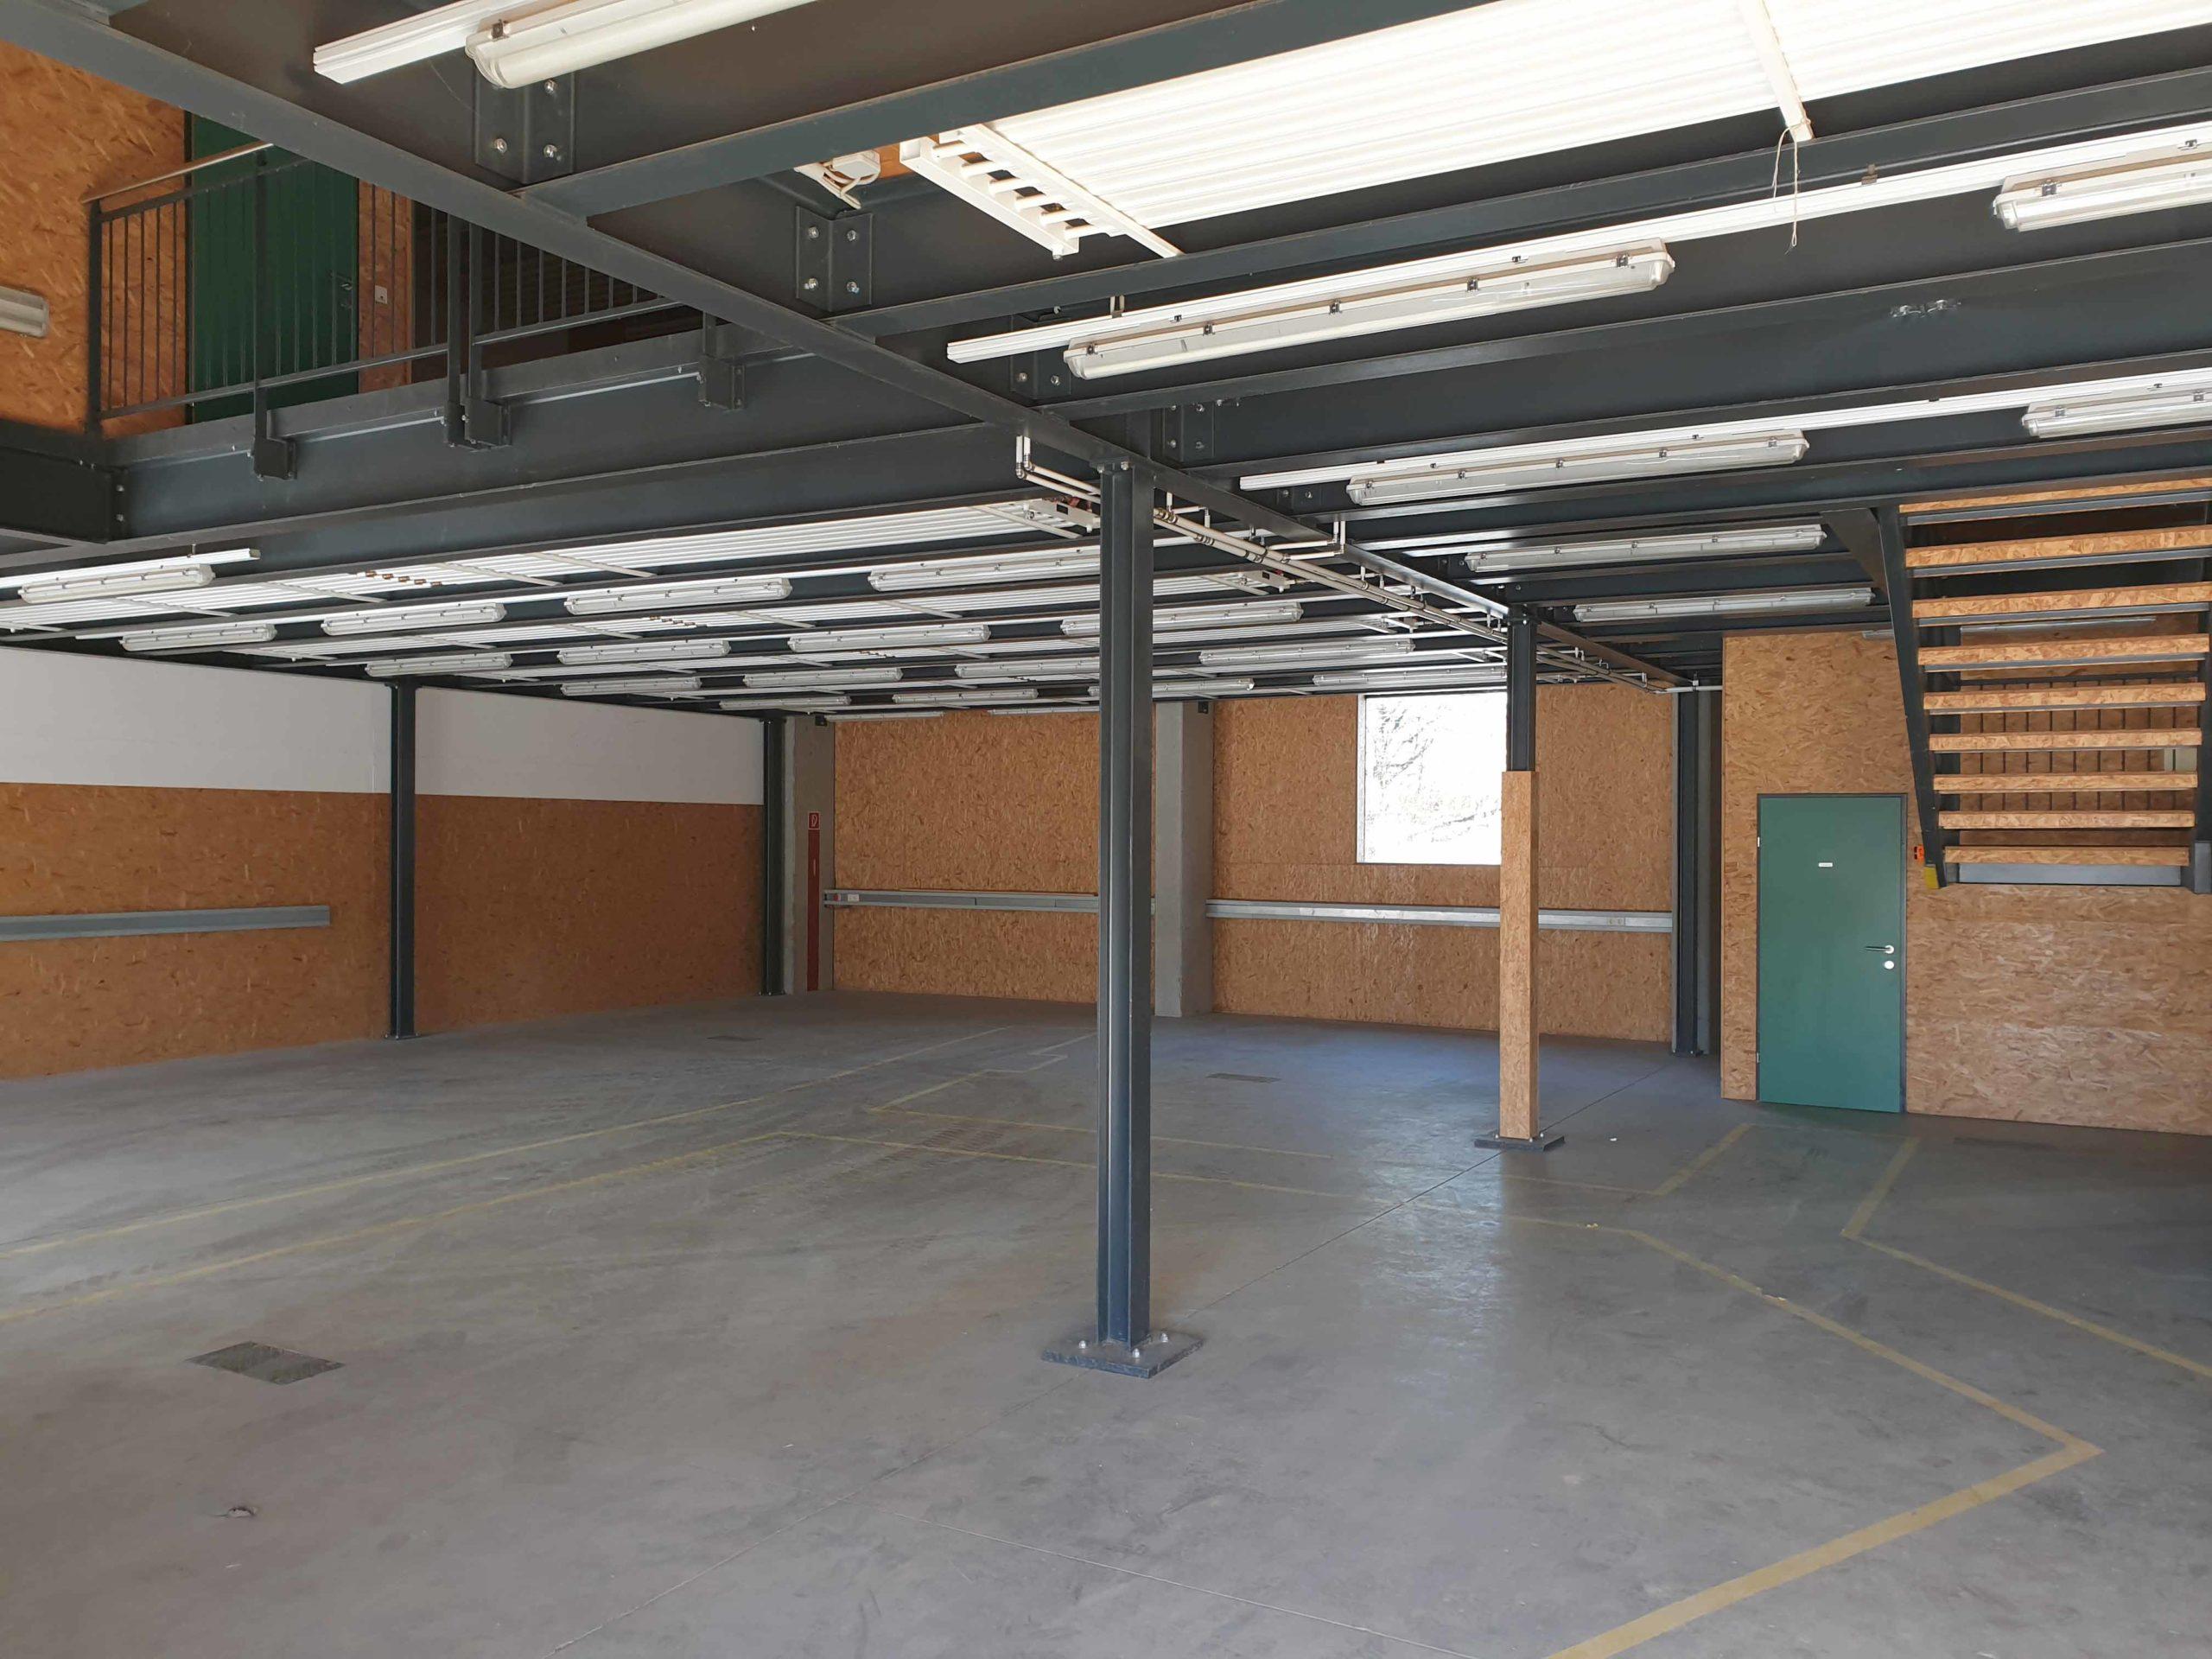 Lager oder Produktionsfläche in der Solarhalle am Ökopark Hartberg